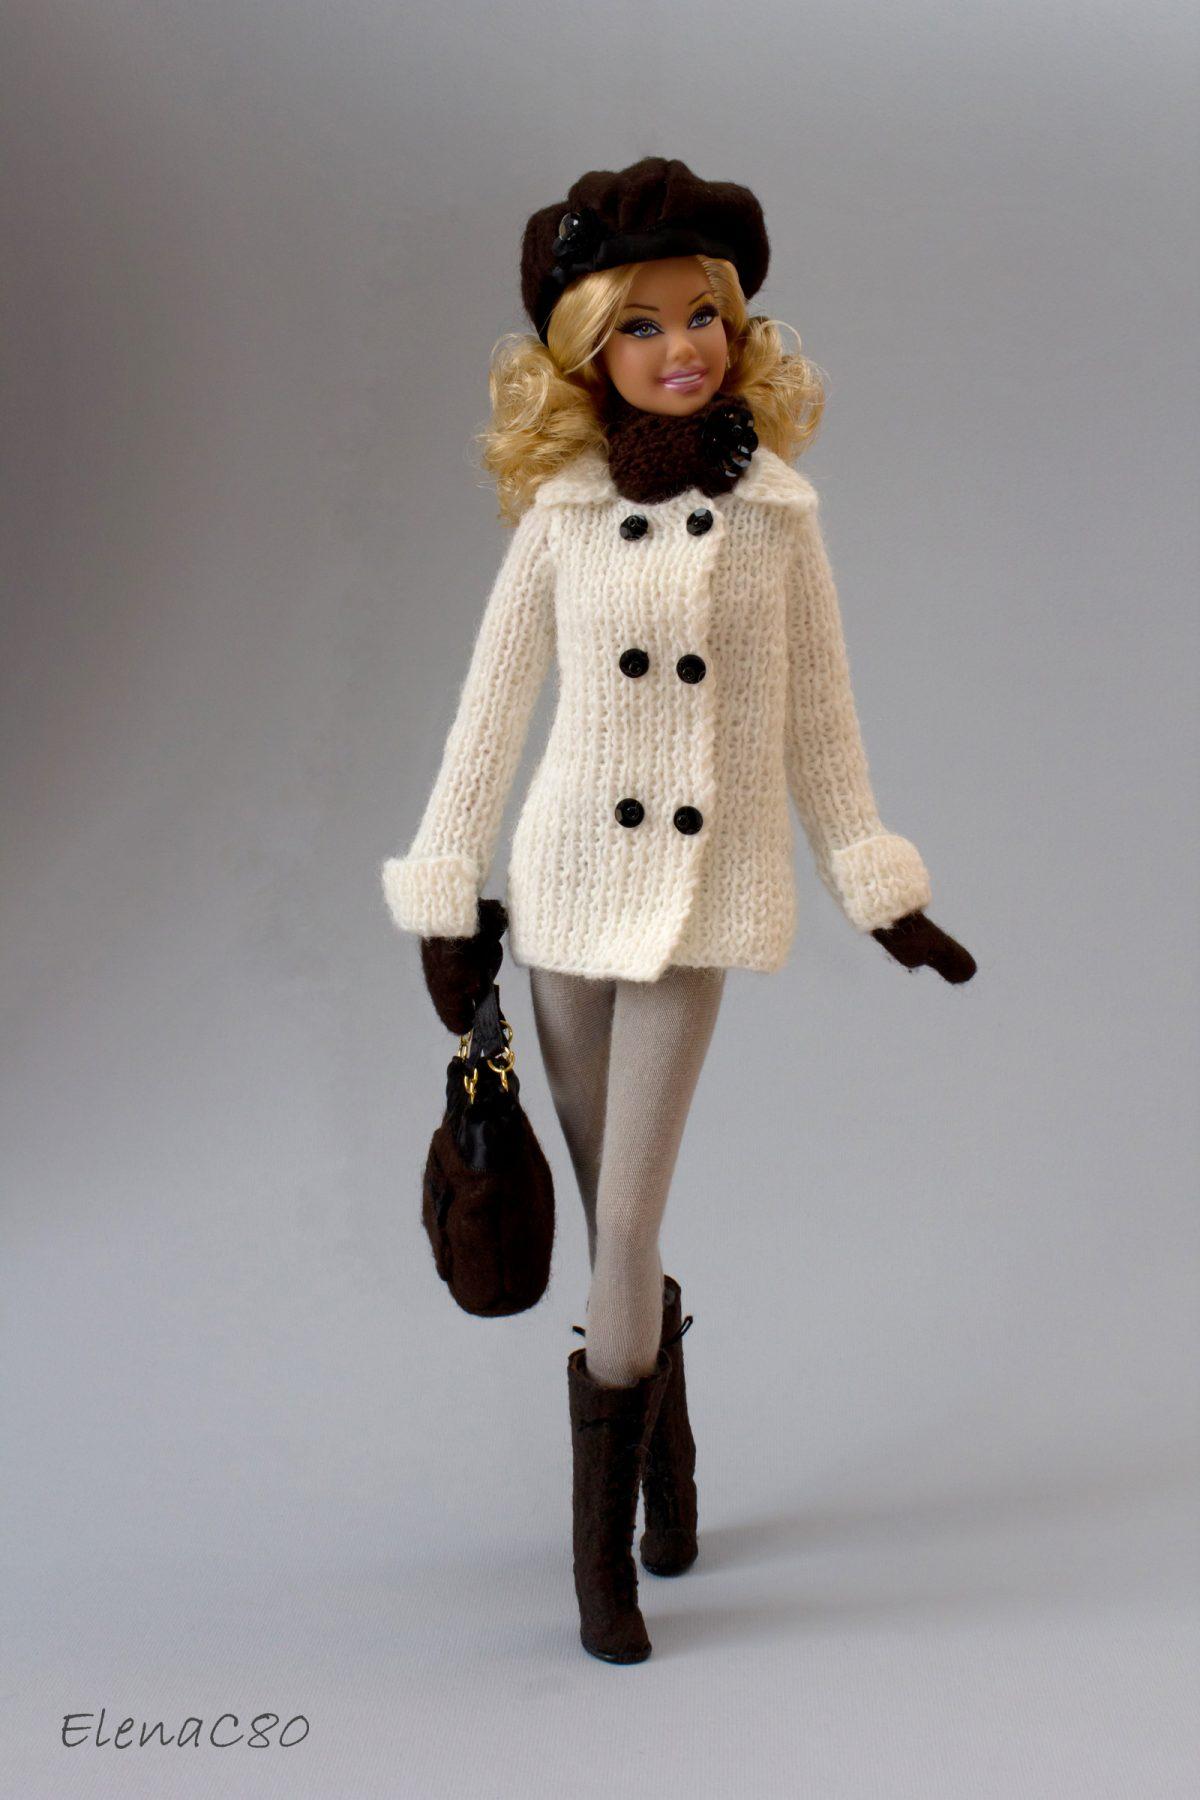 Creazioni per Barbie 9 – Si continua con i completi invernali!